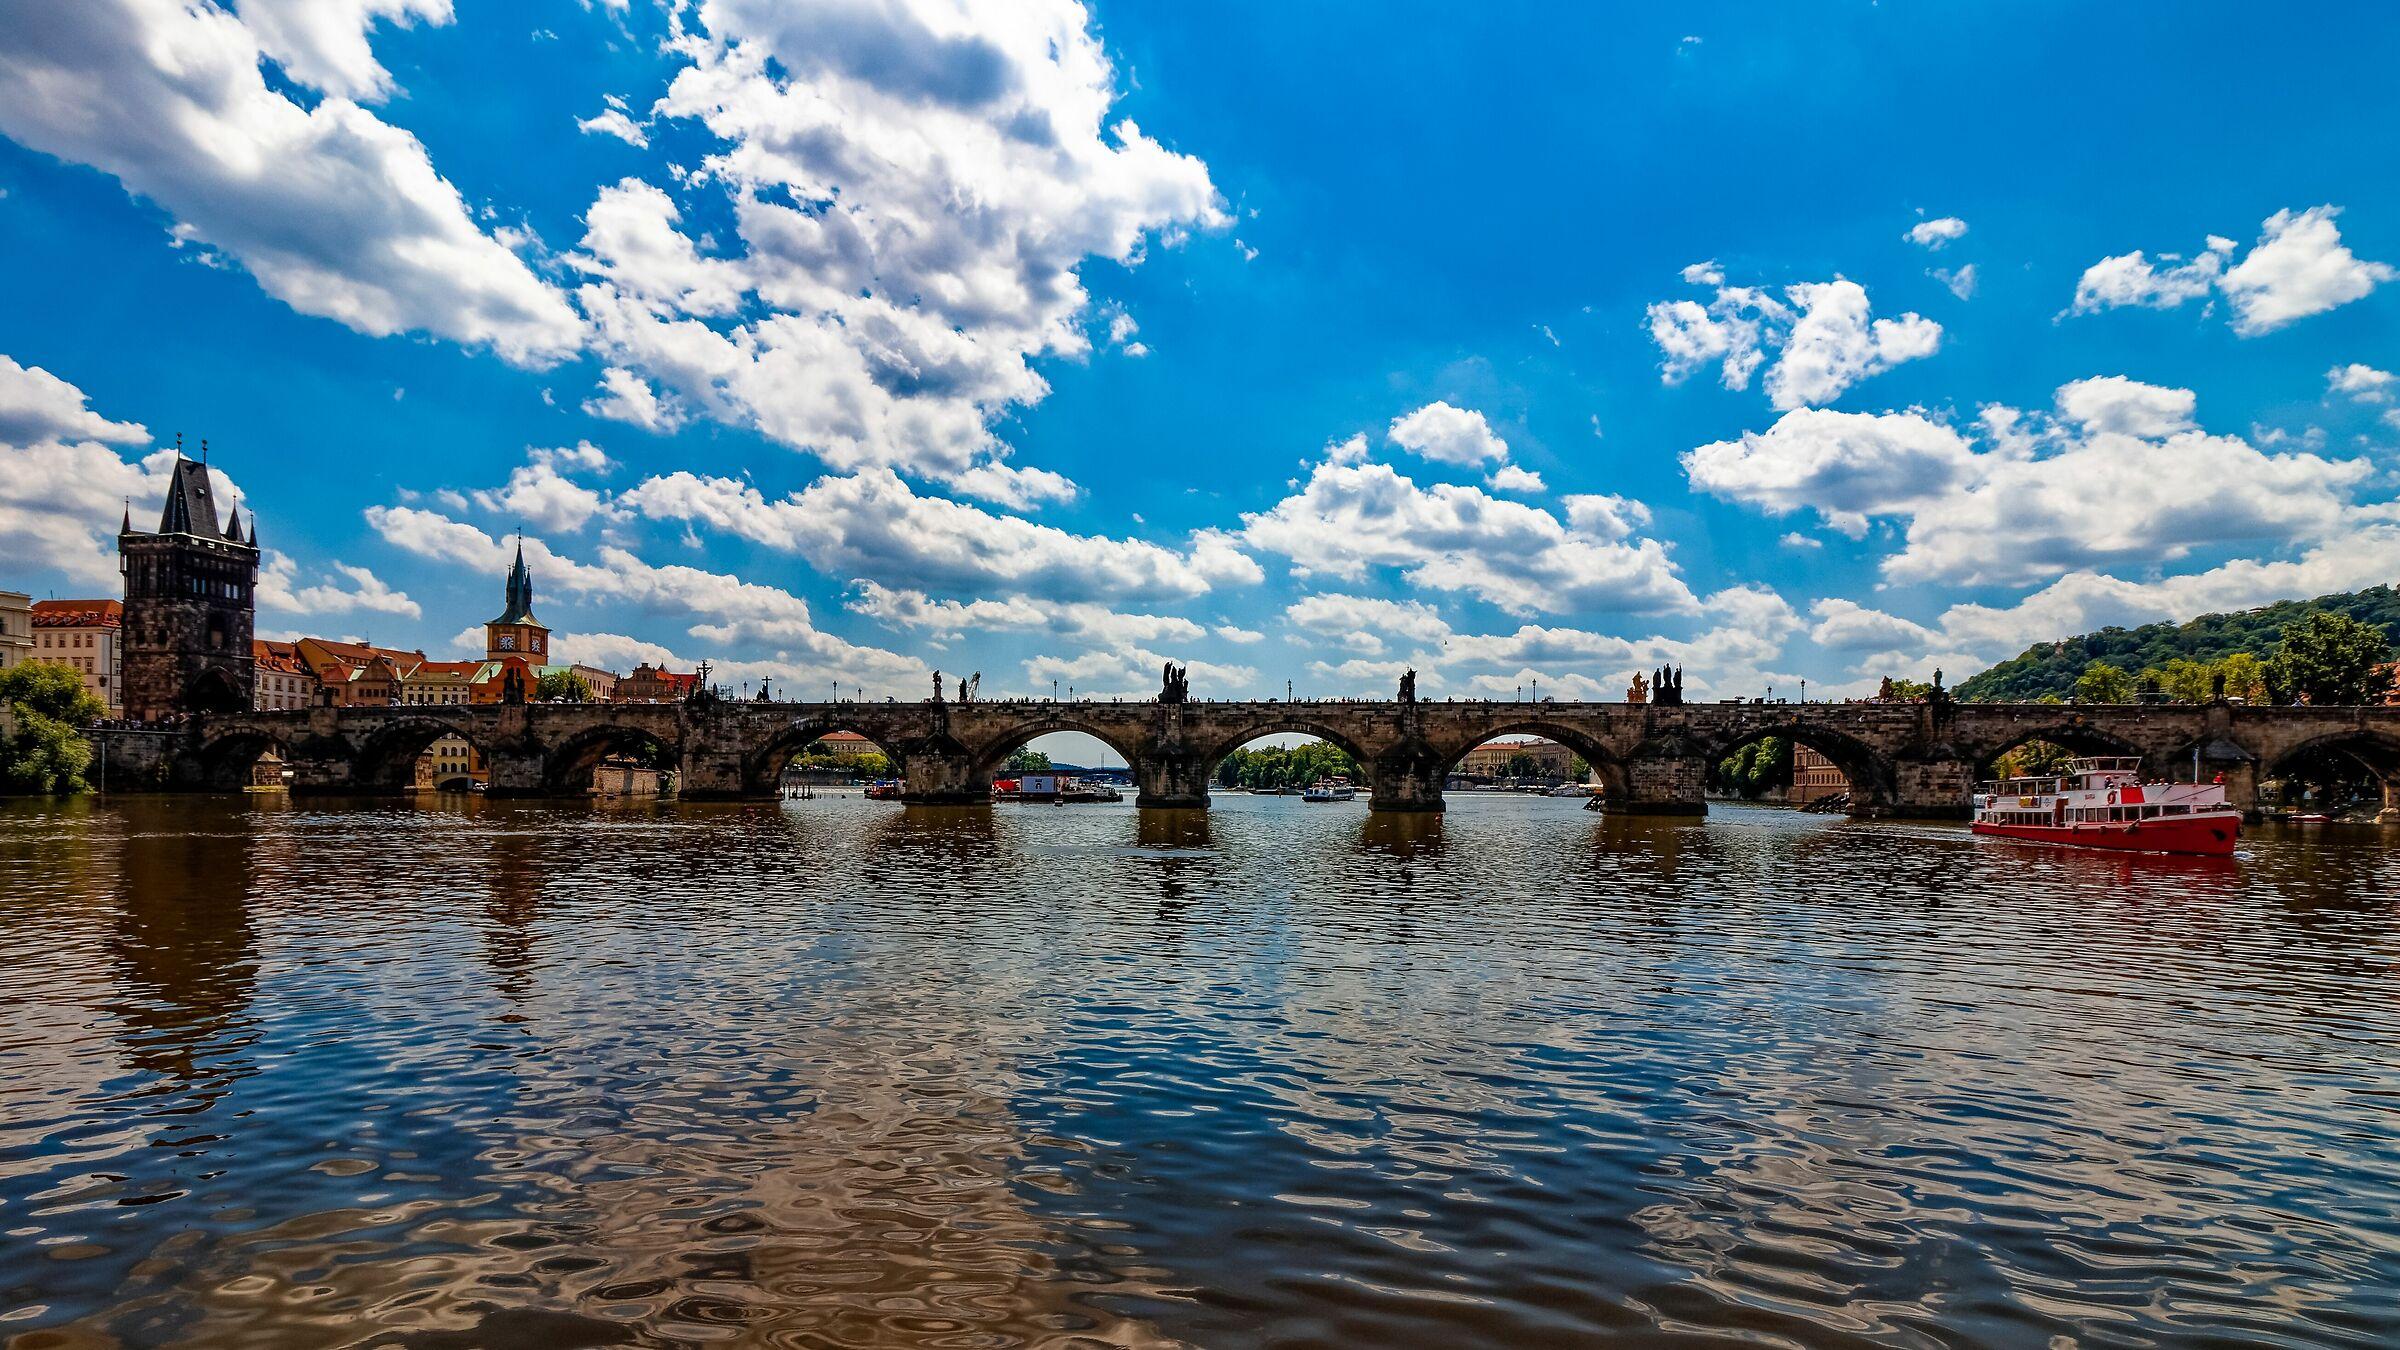 The sky above Prague...